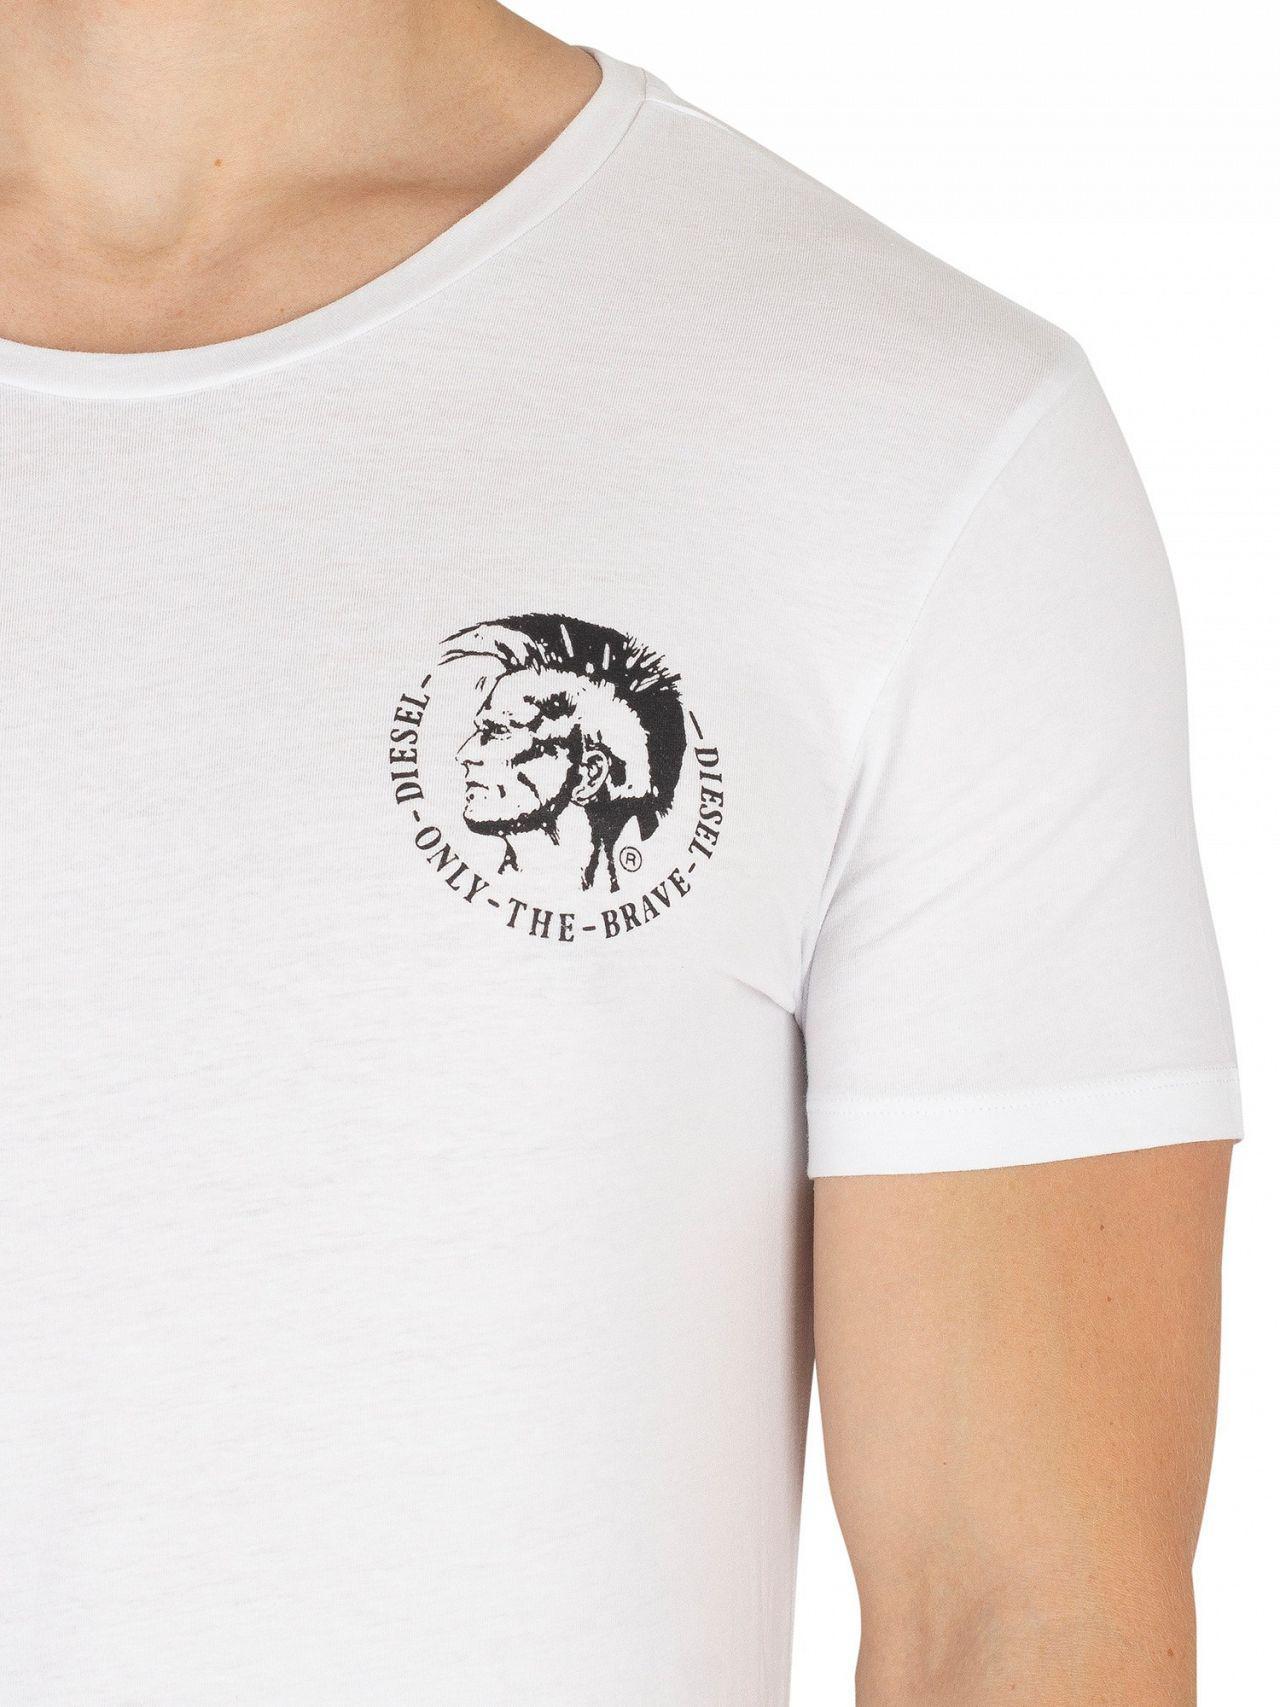 0eb169ff DIESEL - Black/navy/white 3 Pack Crew T-shirt for Men -. View fullscreen